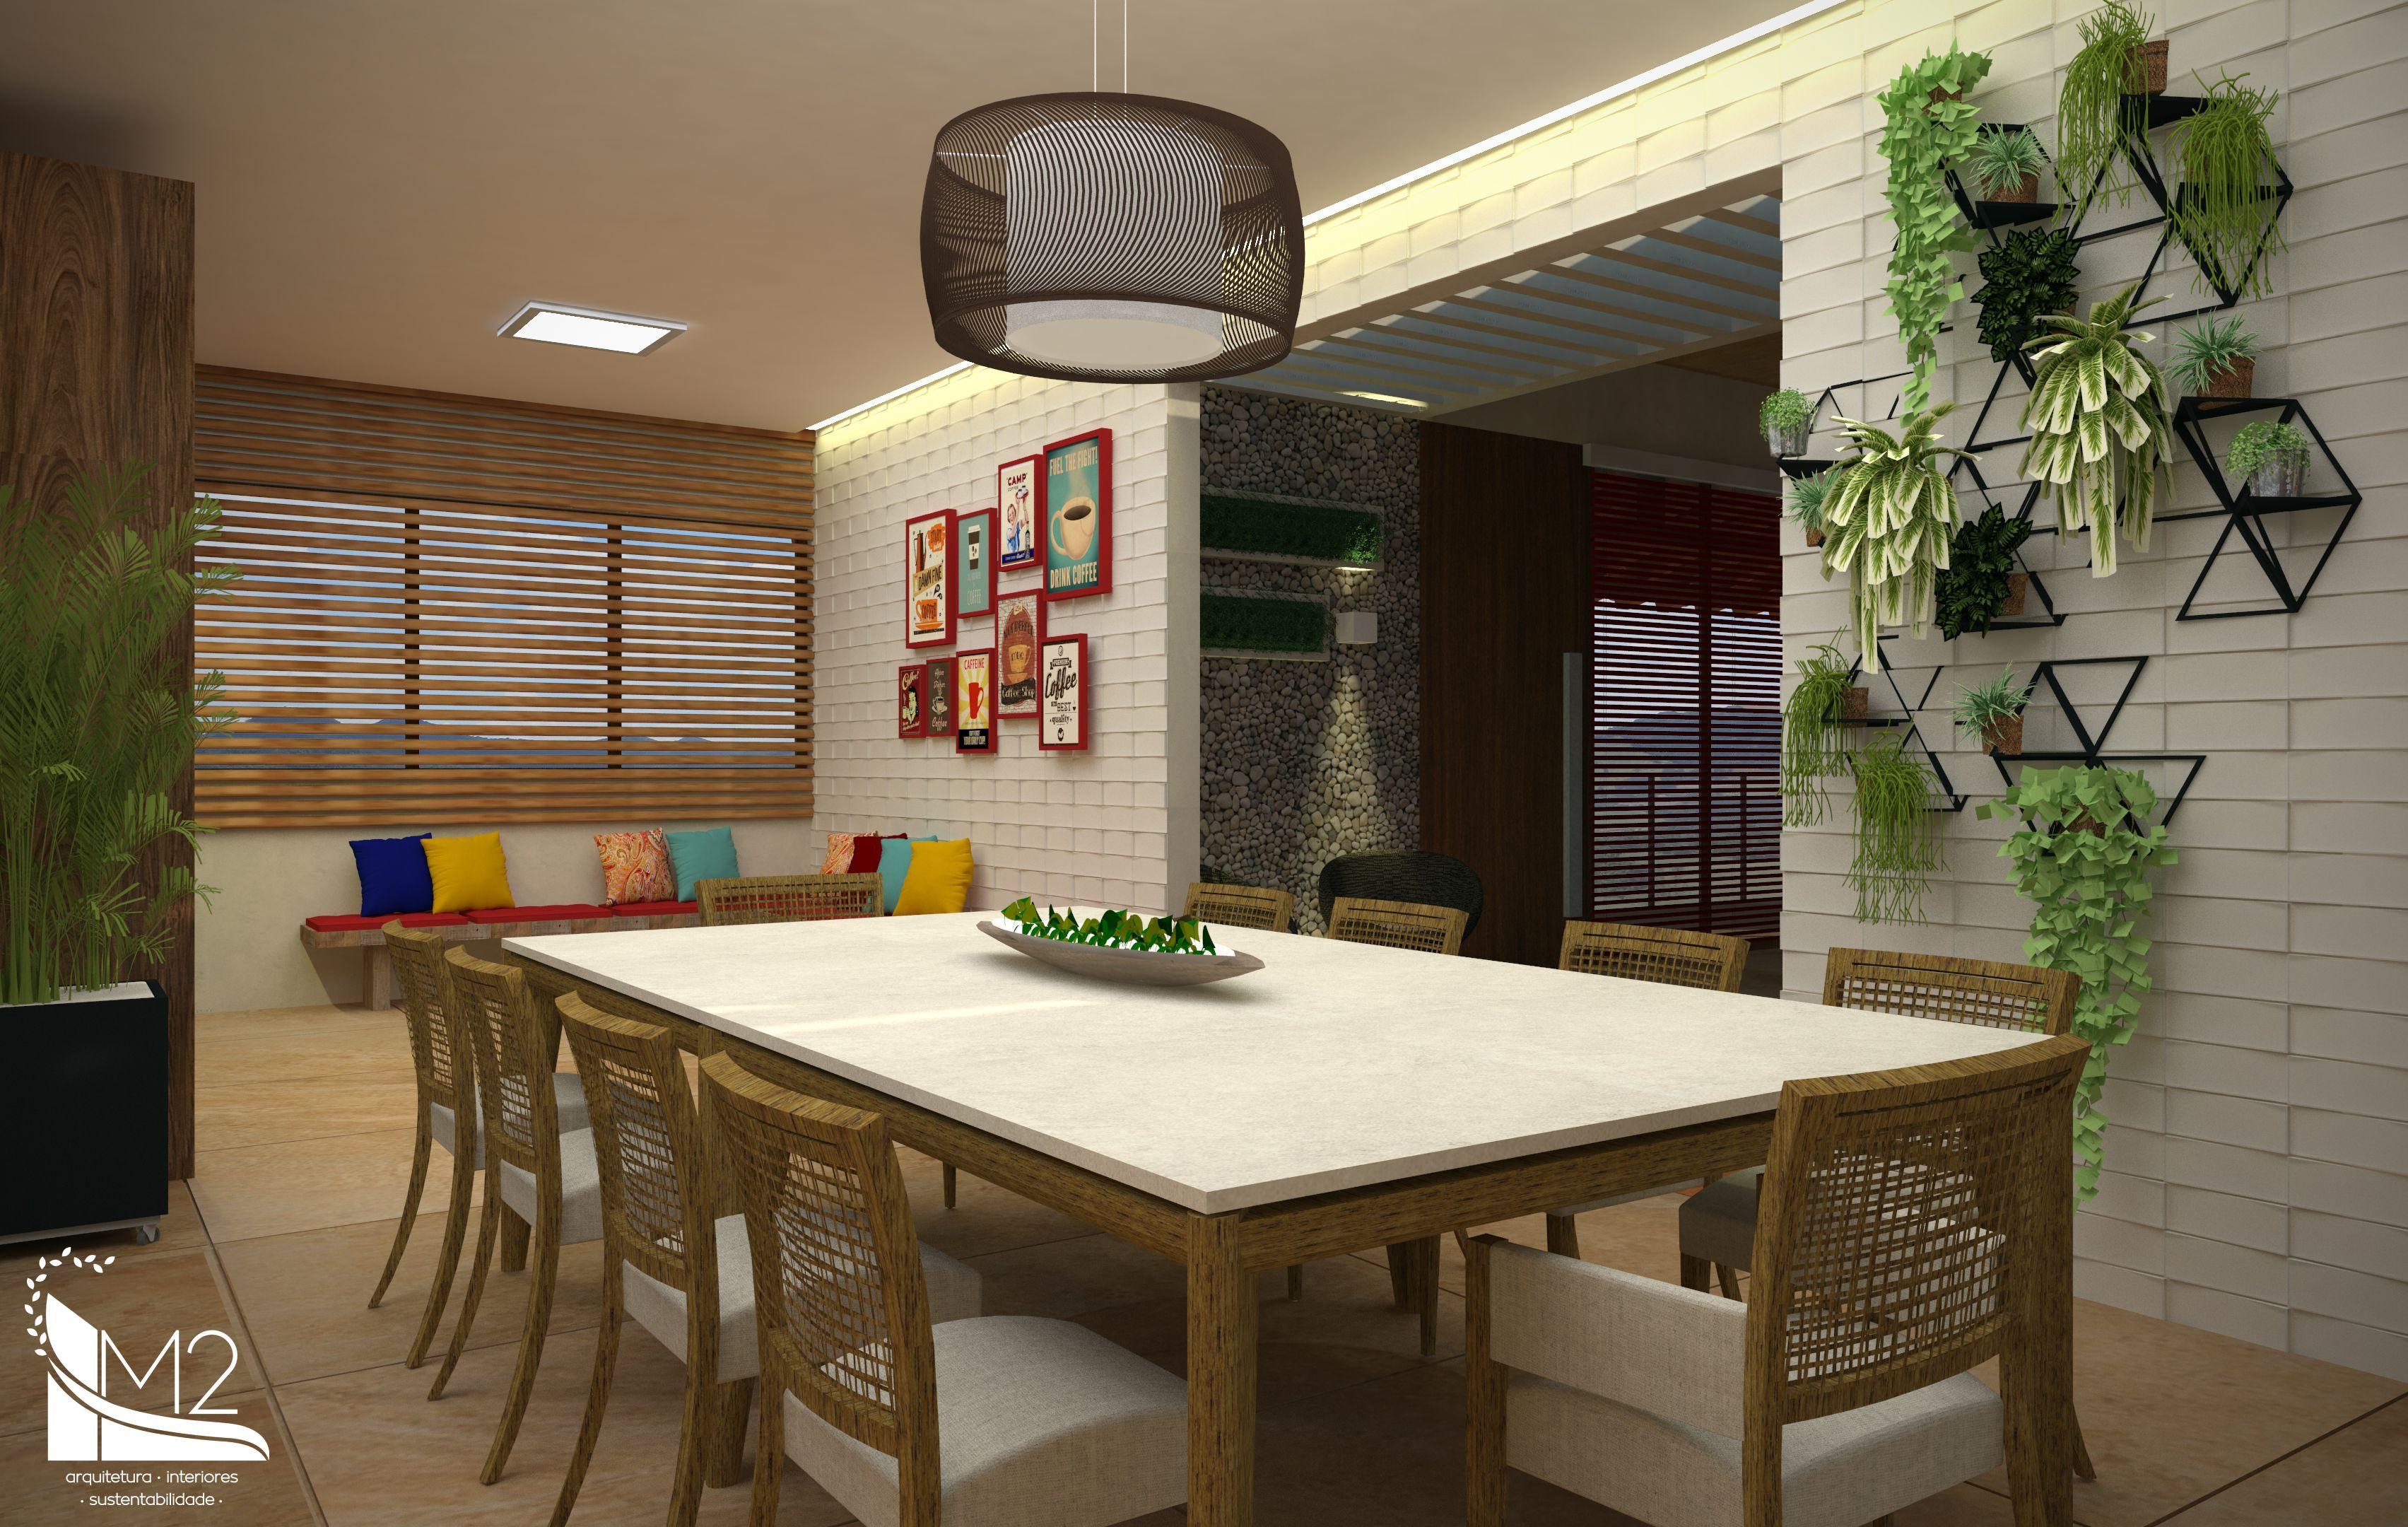 Cores De Casa De Fazenda Cores De Casa De Fazenda A Sala De Estar  -> Casa Sala De Tv Sala De Jantar A Fazenda